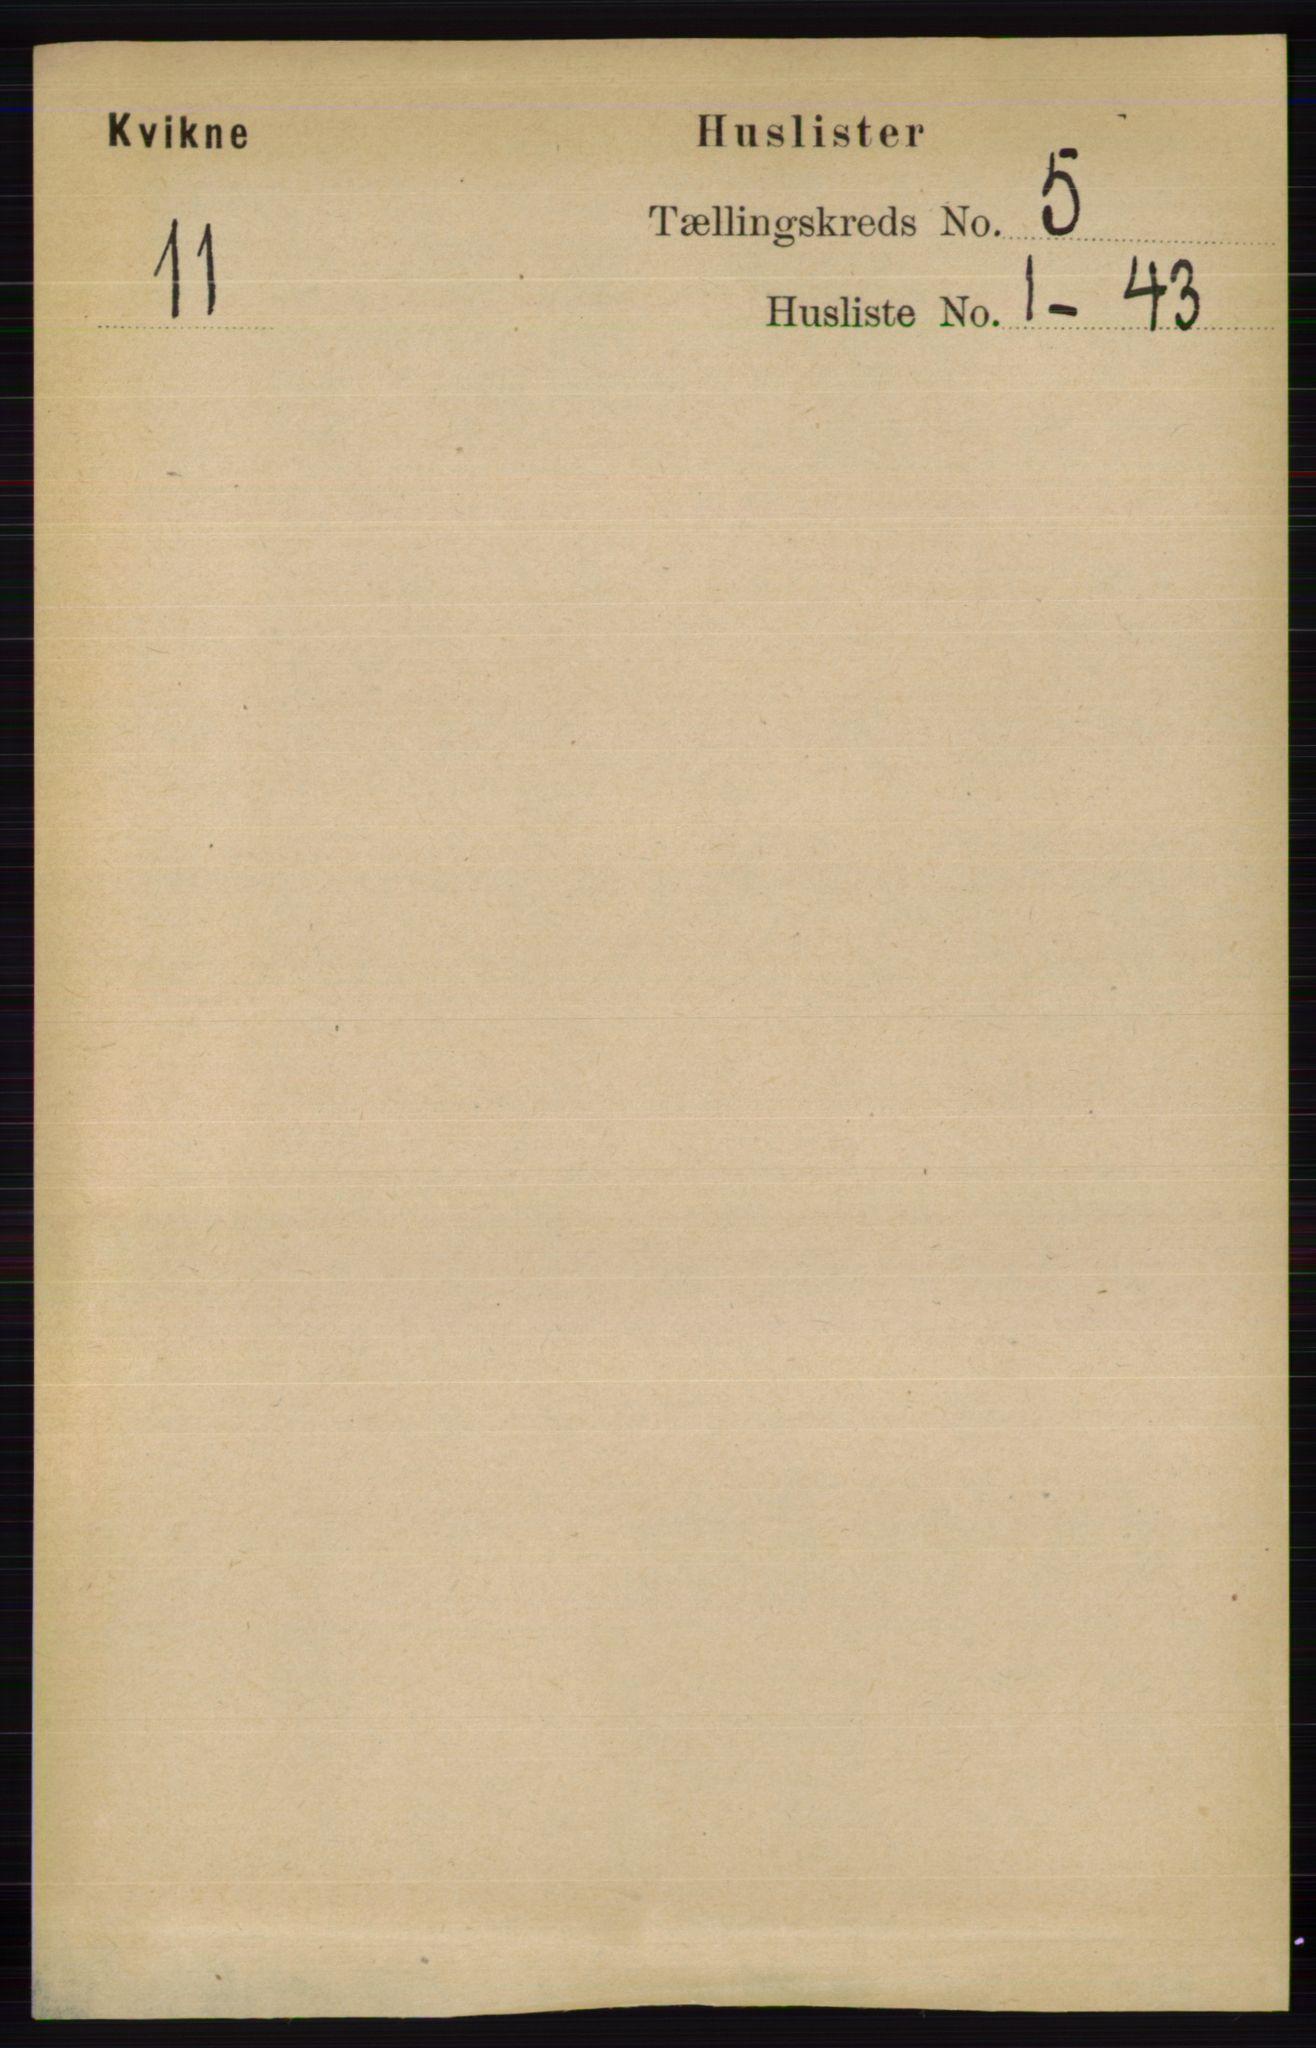 RA, Folketelling 1891 for 0440 Kvikne herred, 1891, s. 1288